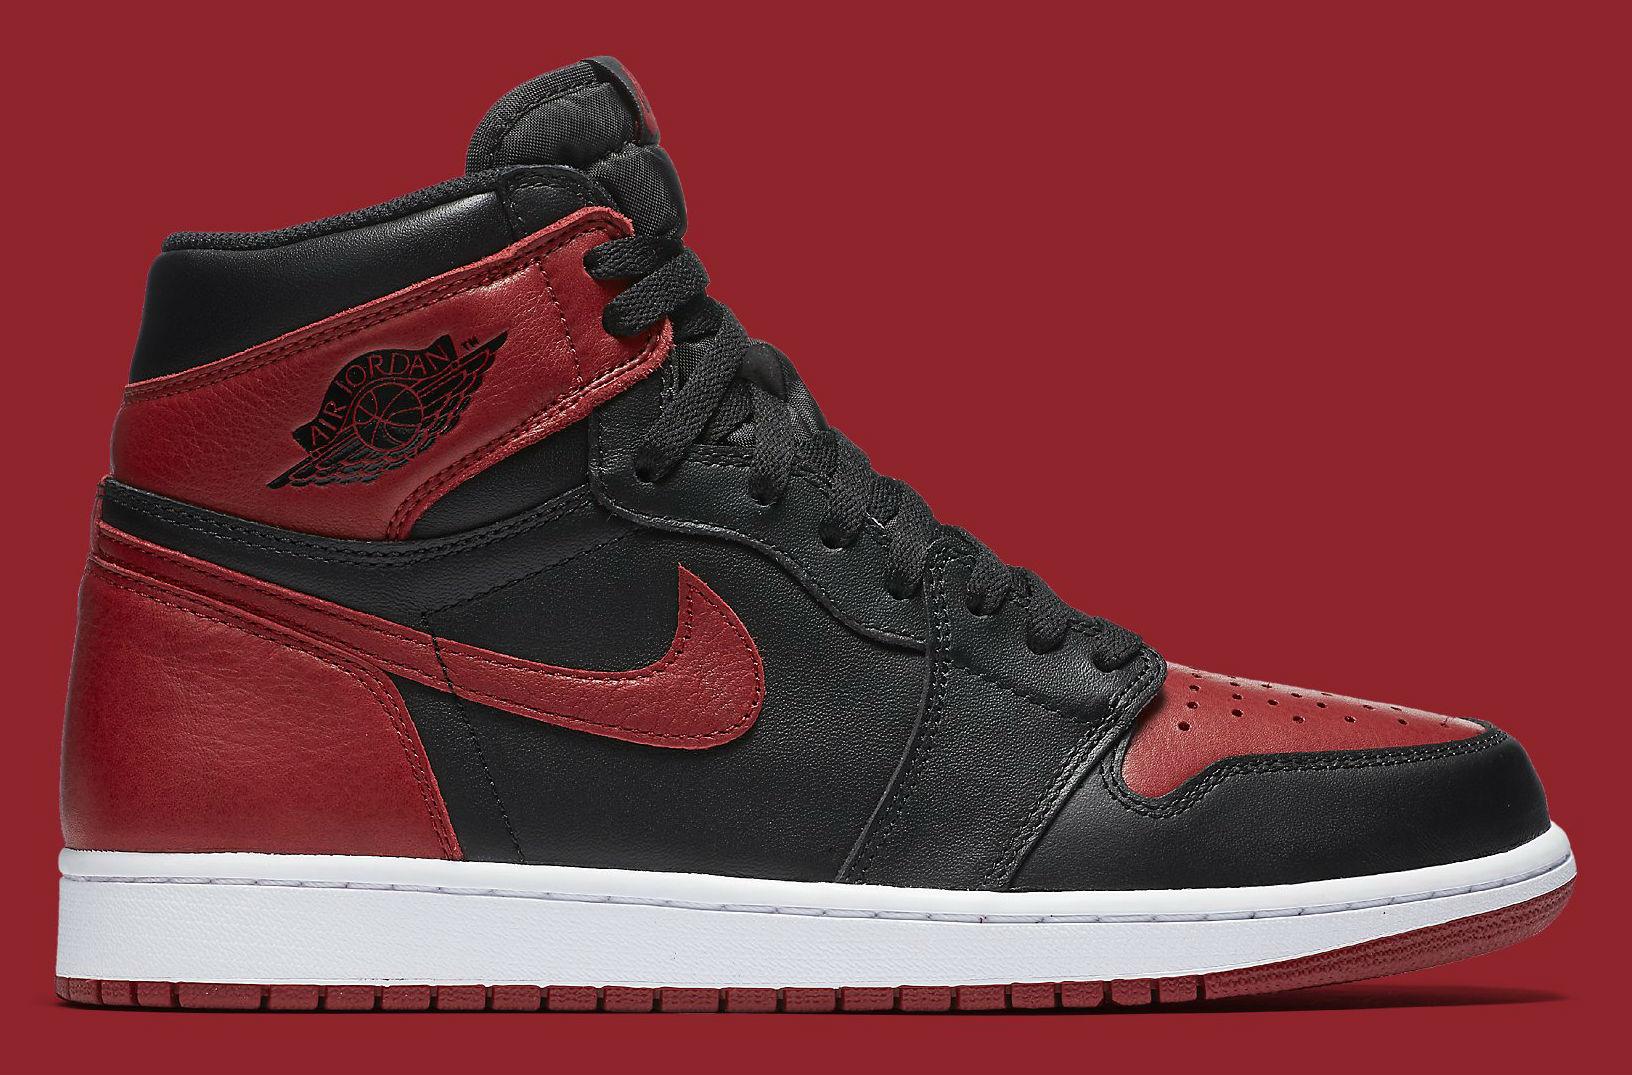 001cc84213ed6f Banned Air Jordan 1 Nikestore Restock